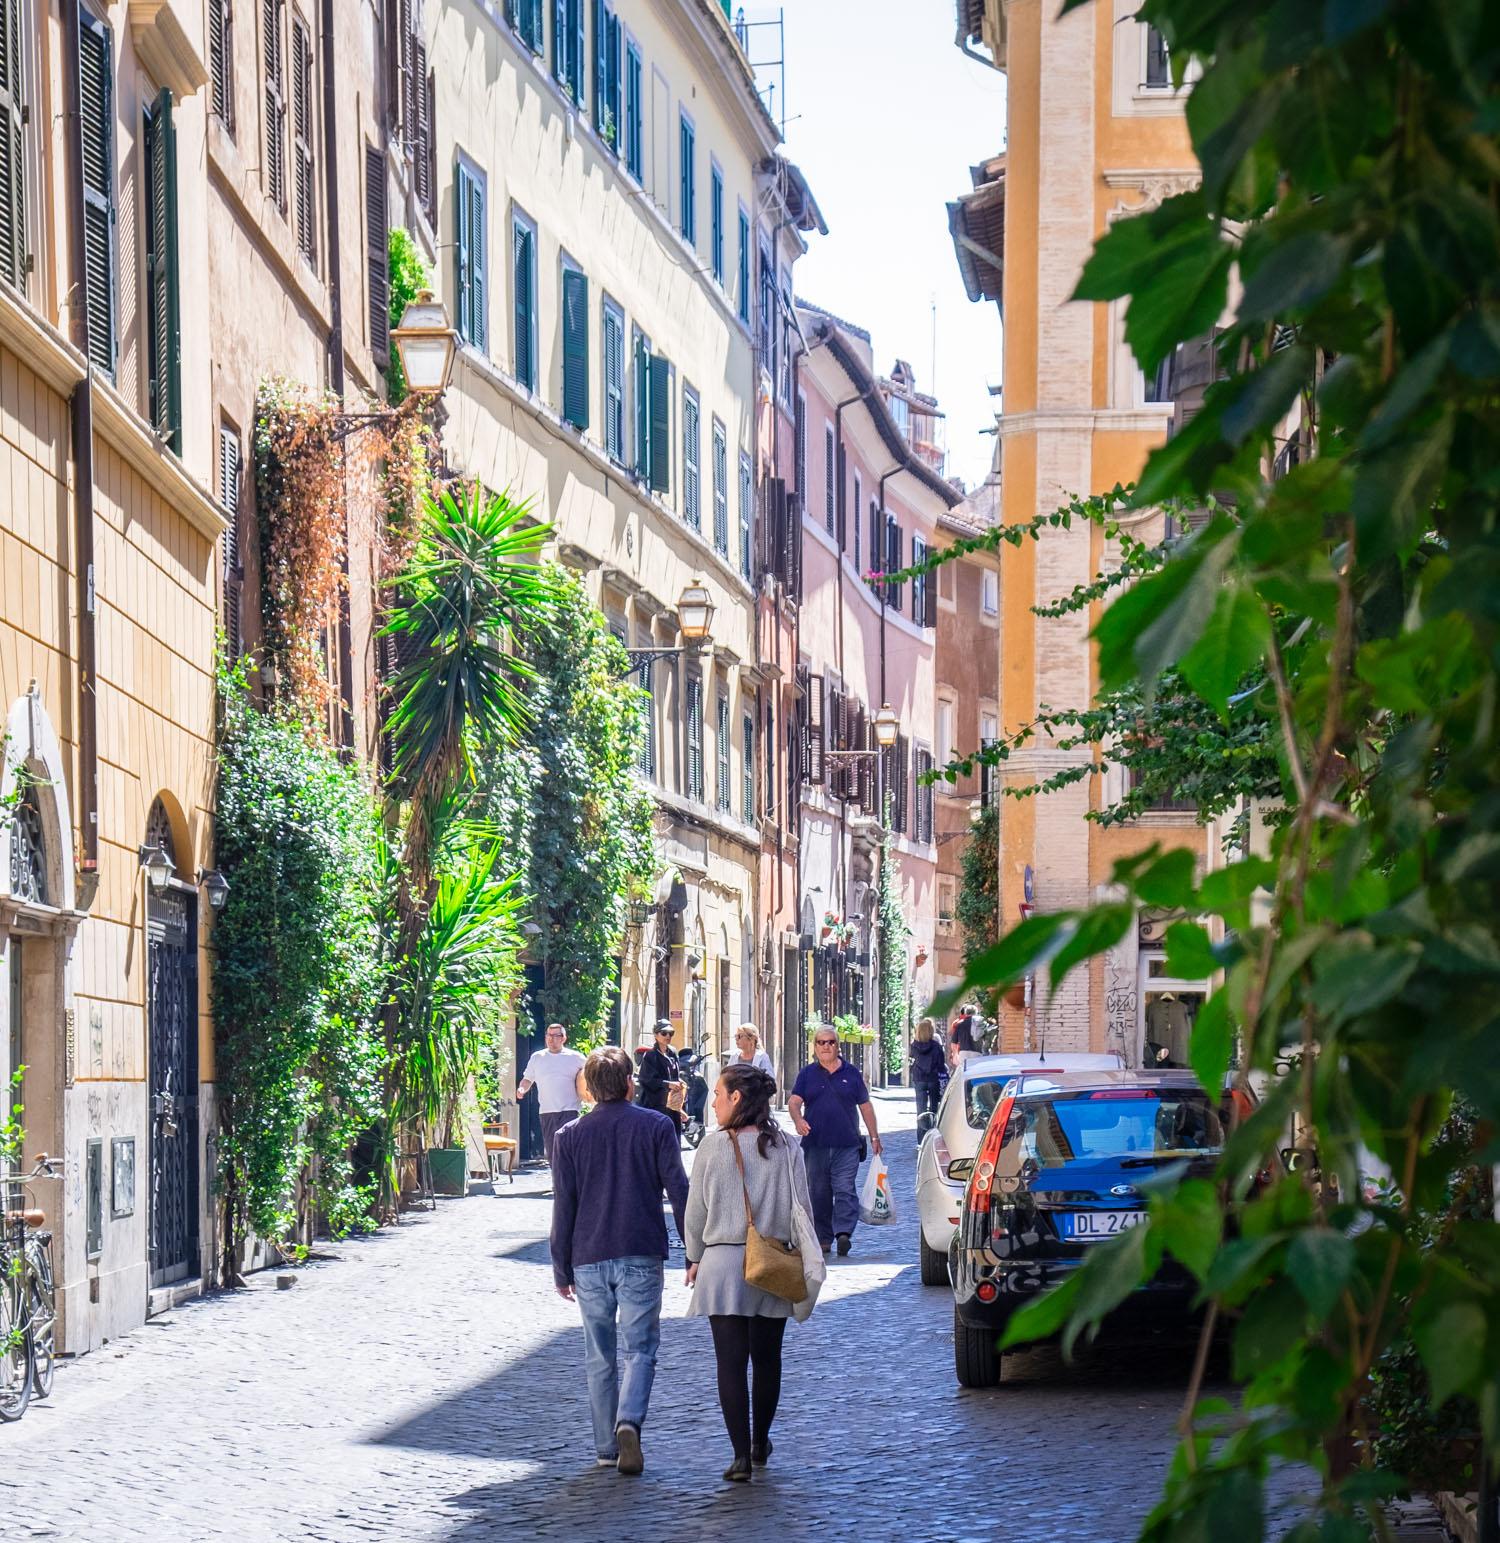 Att göra i Rom: Gå vilse i Trastevere